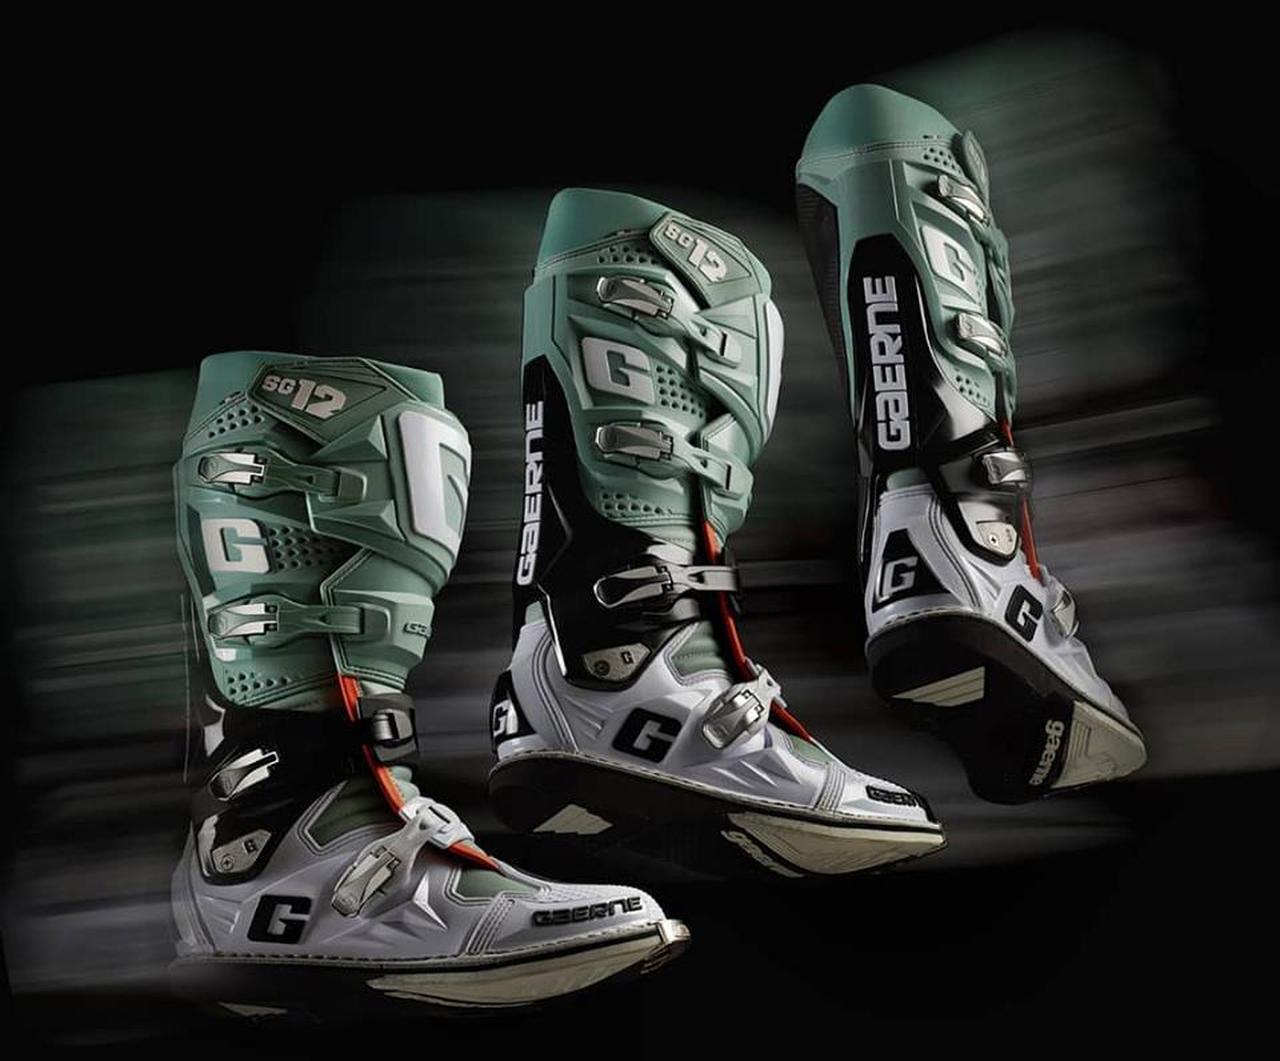 画像: ガエルネ最高峰のモトクロスブーツ「SG-12」にインパクトのあるニューカラーが2色登場! - webオートバイ